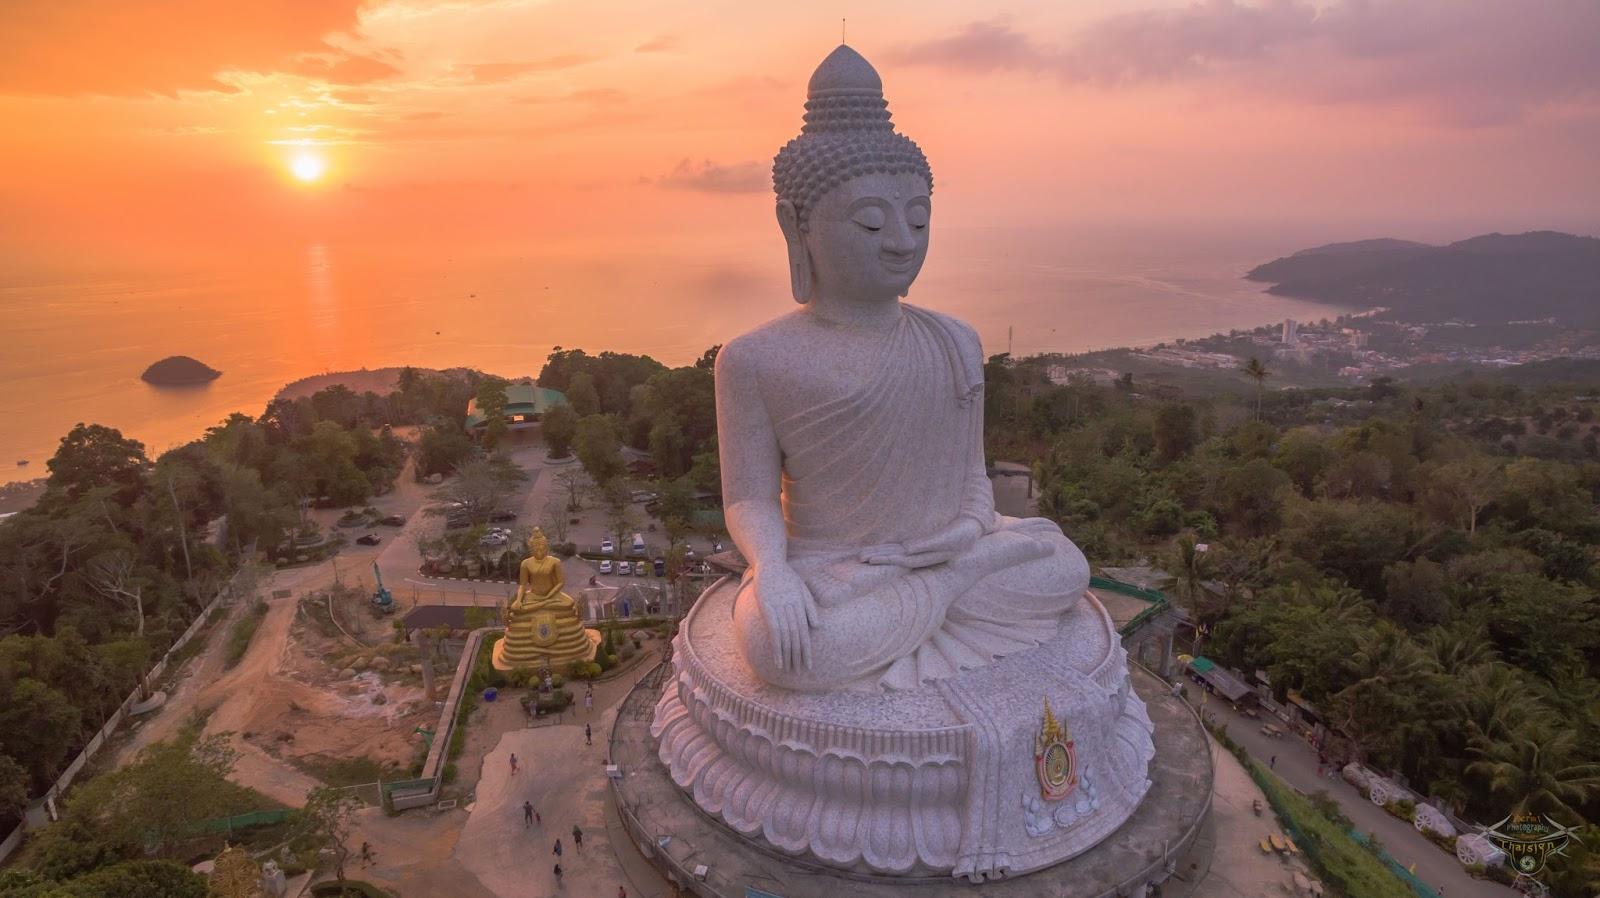 Phuket Big Buddha famous landmark